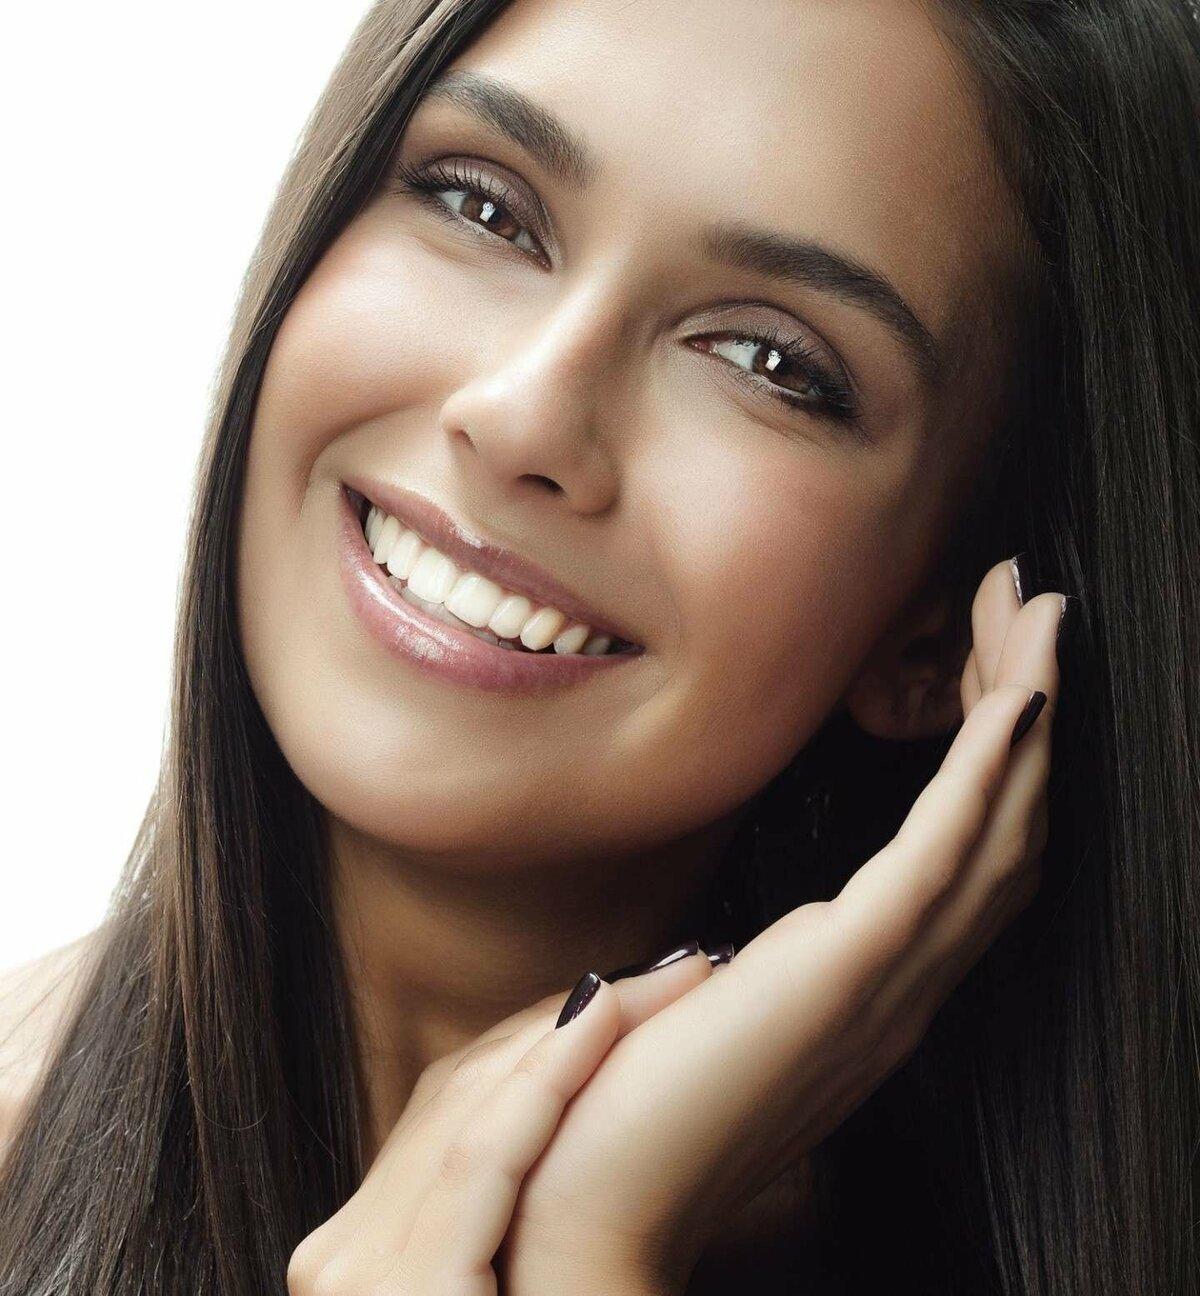 Картинка с улыбающейся девушкой